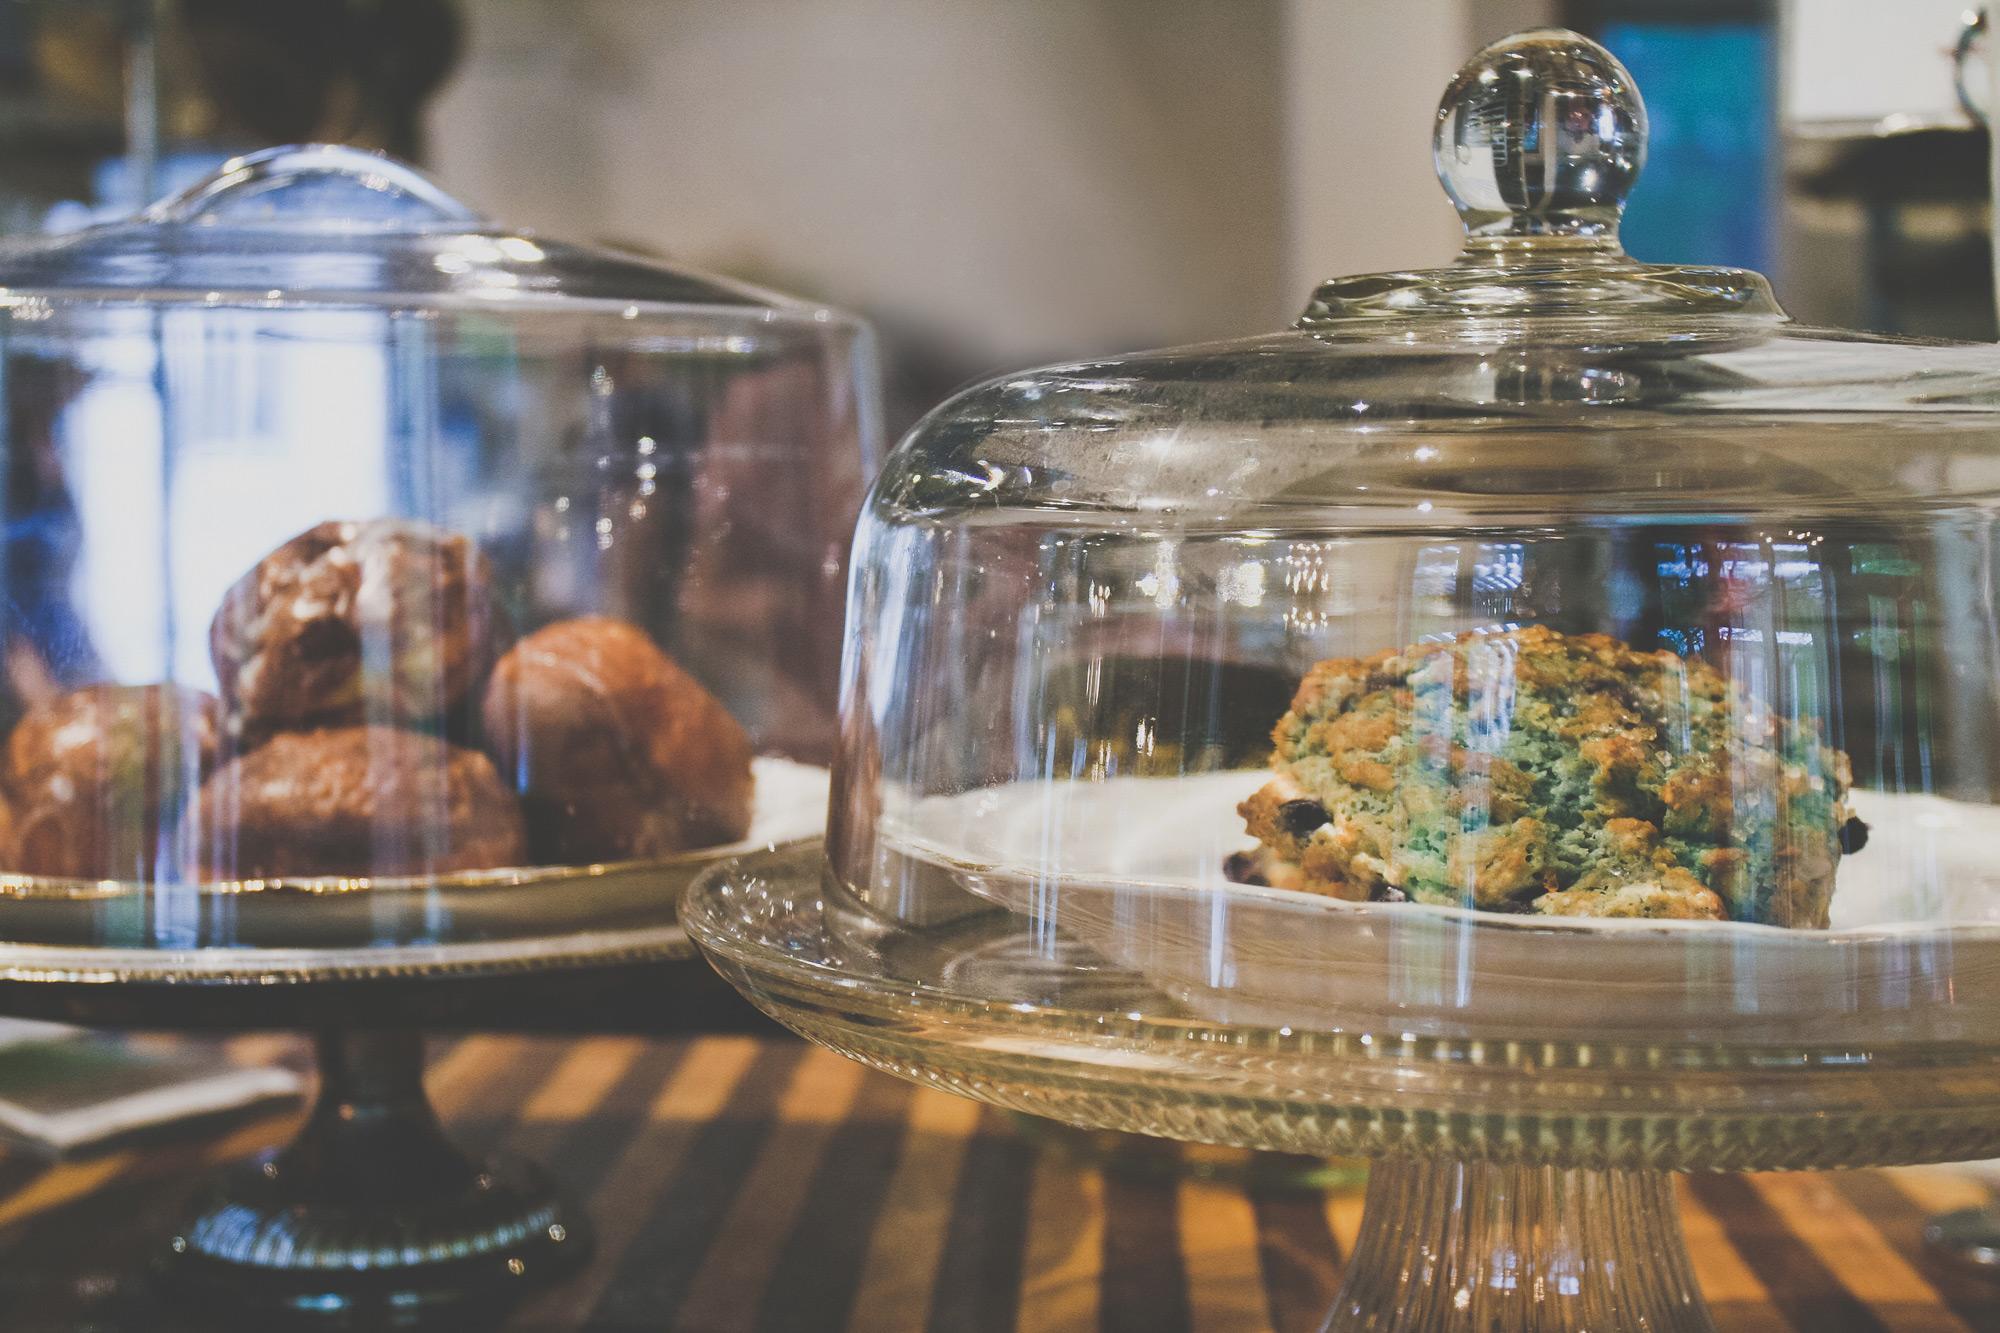 seven-shores-gallery-baked-goods.jpg